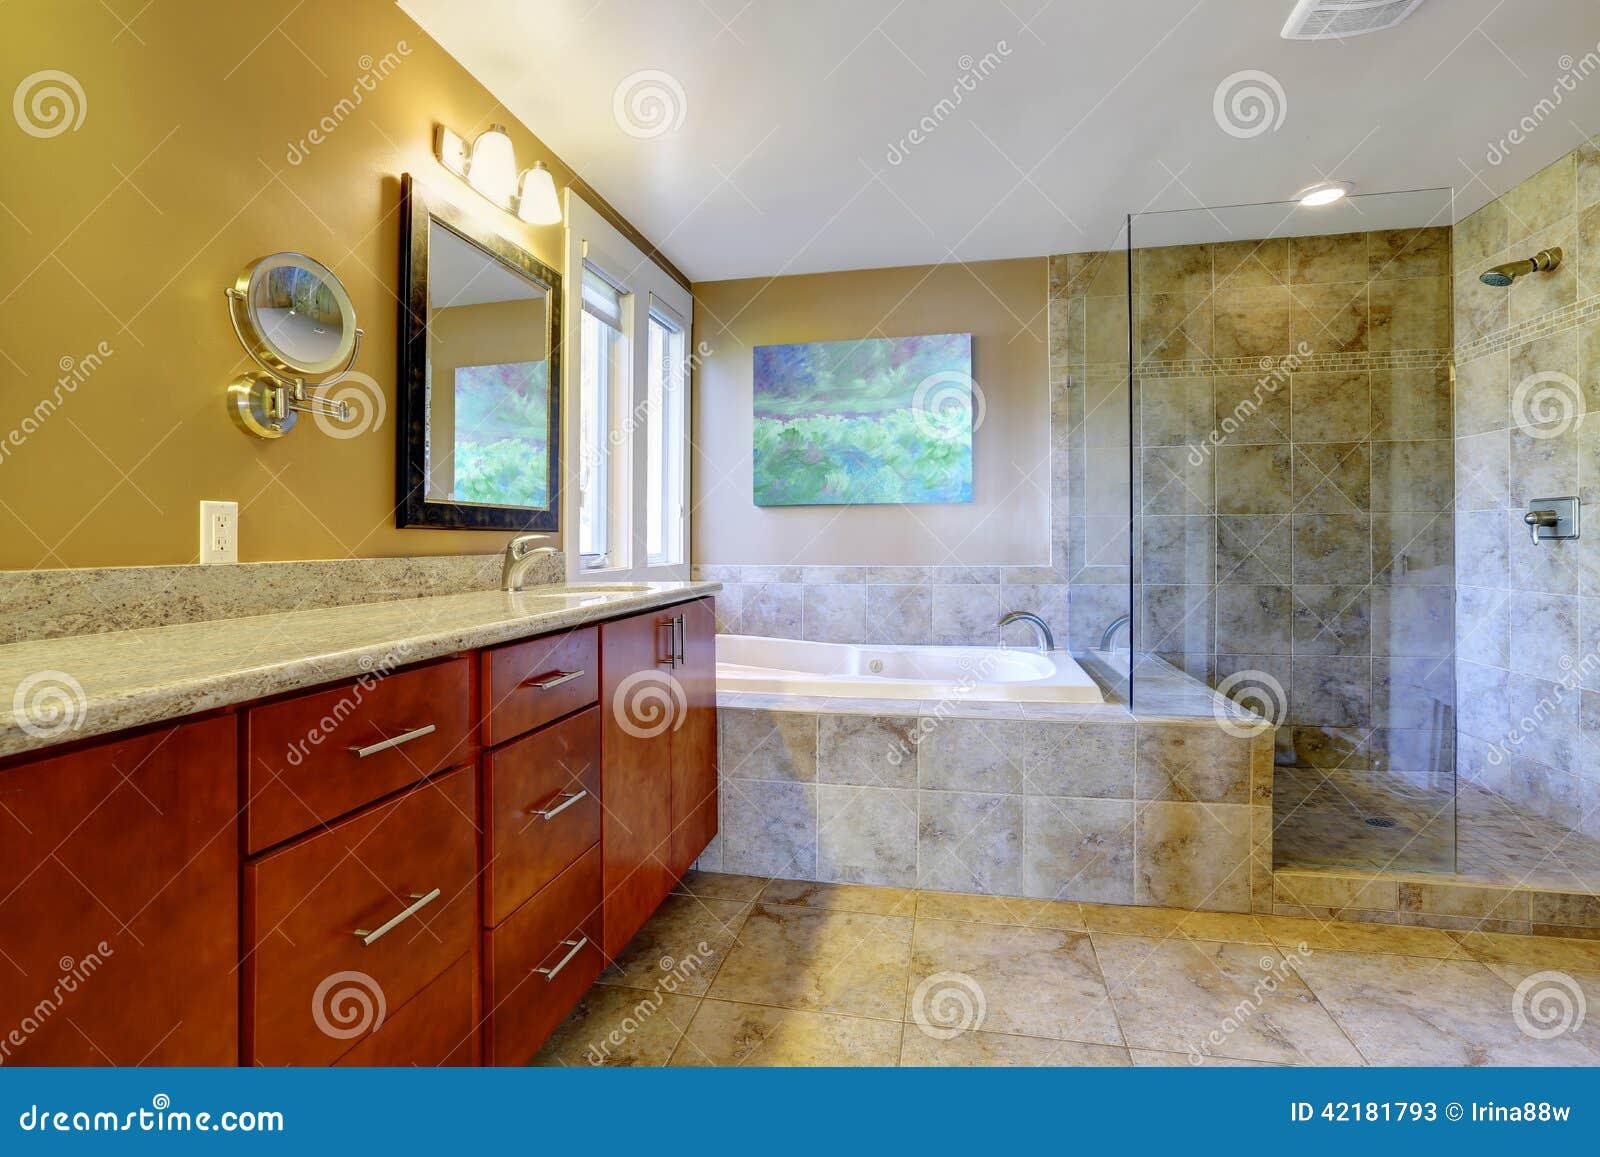 Gabinetes De Baño Pr:de baño con el gabinete de la vanidad del cuarto de baño, la tina de